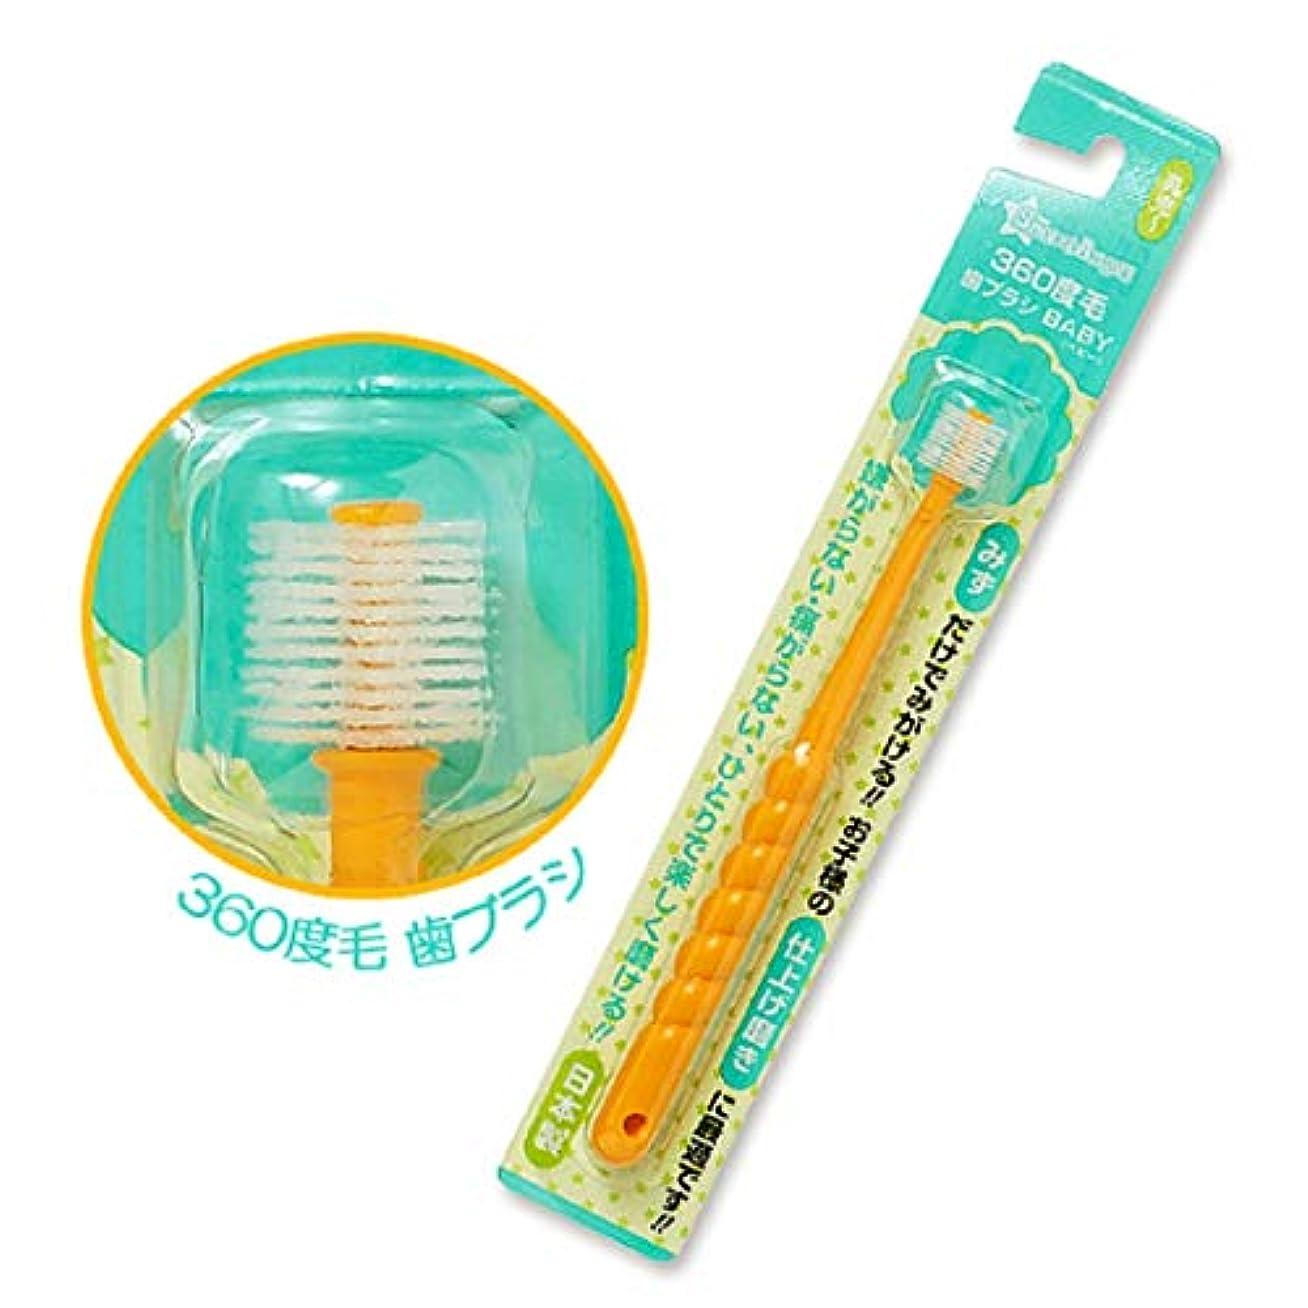 盟主三角形砂利西松屋 SmartAngel) 360度毛歯ブラシBABY(オレンジ)